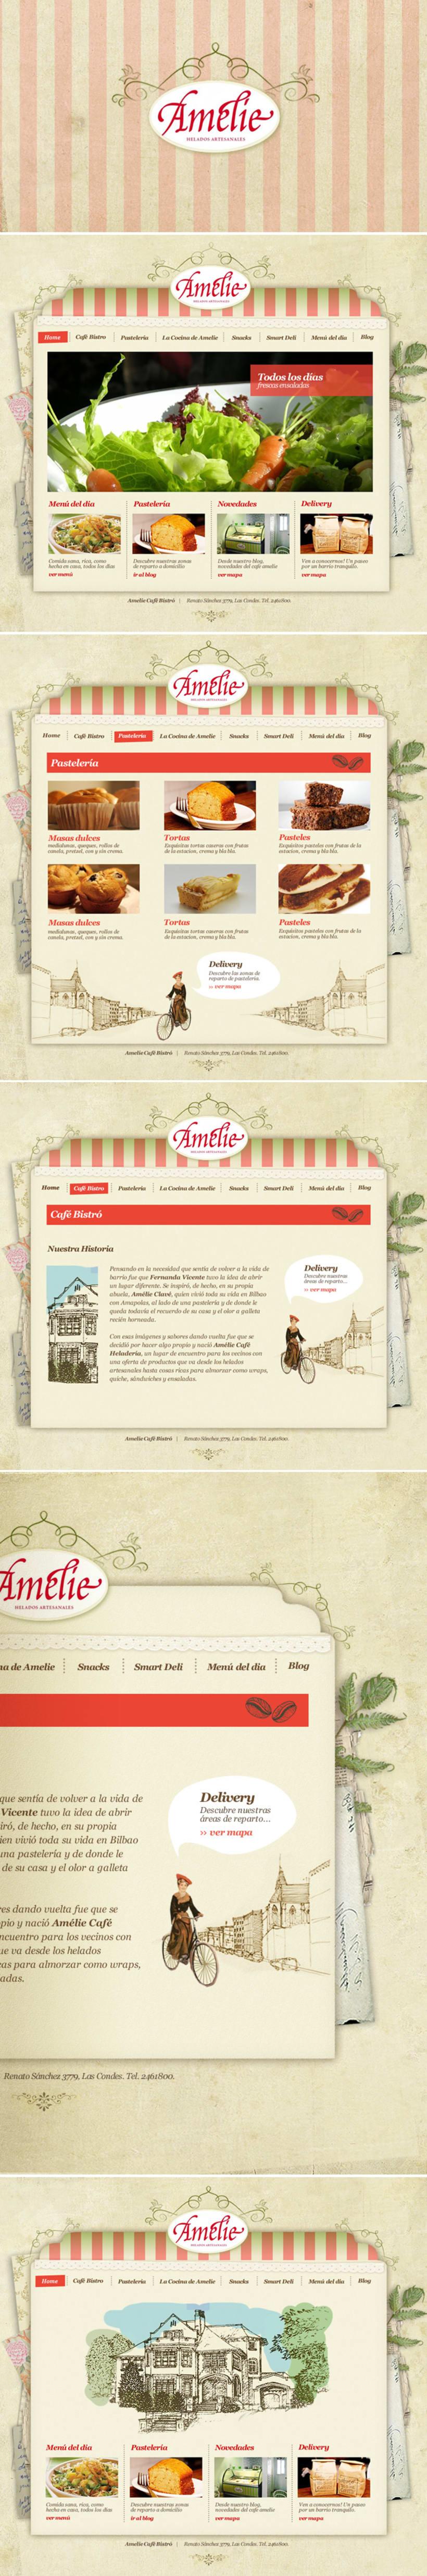 Amelie Bistrot 1